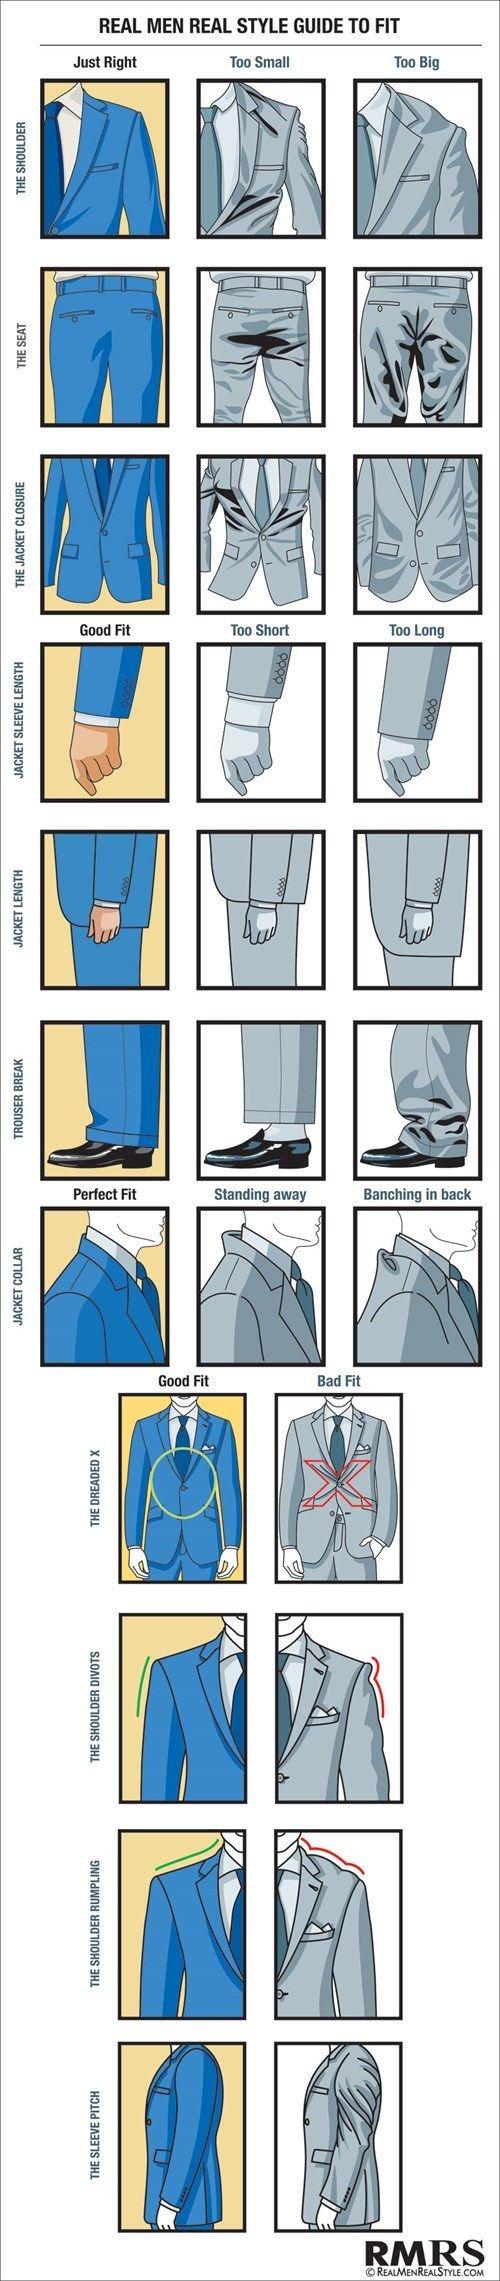 Men's Suit Fit Guide #businessattire